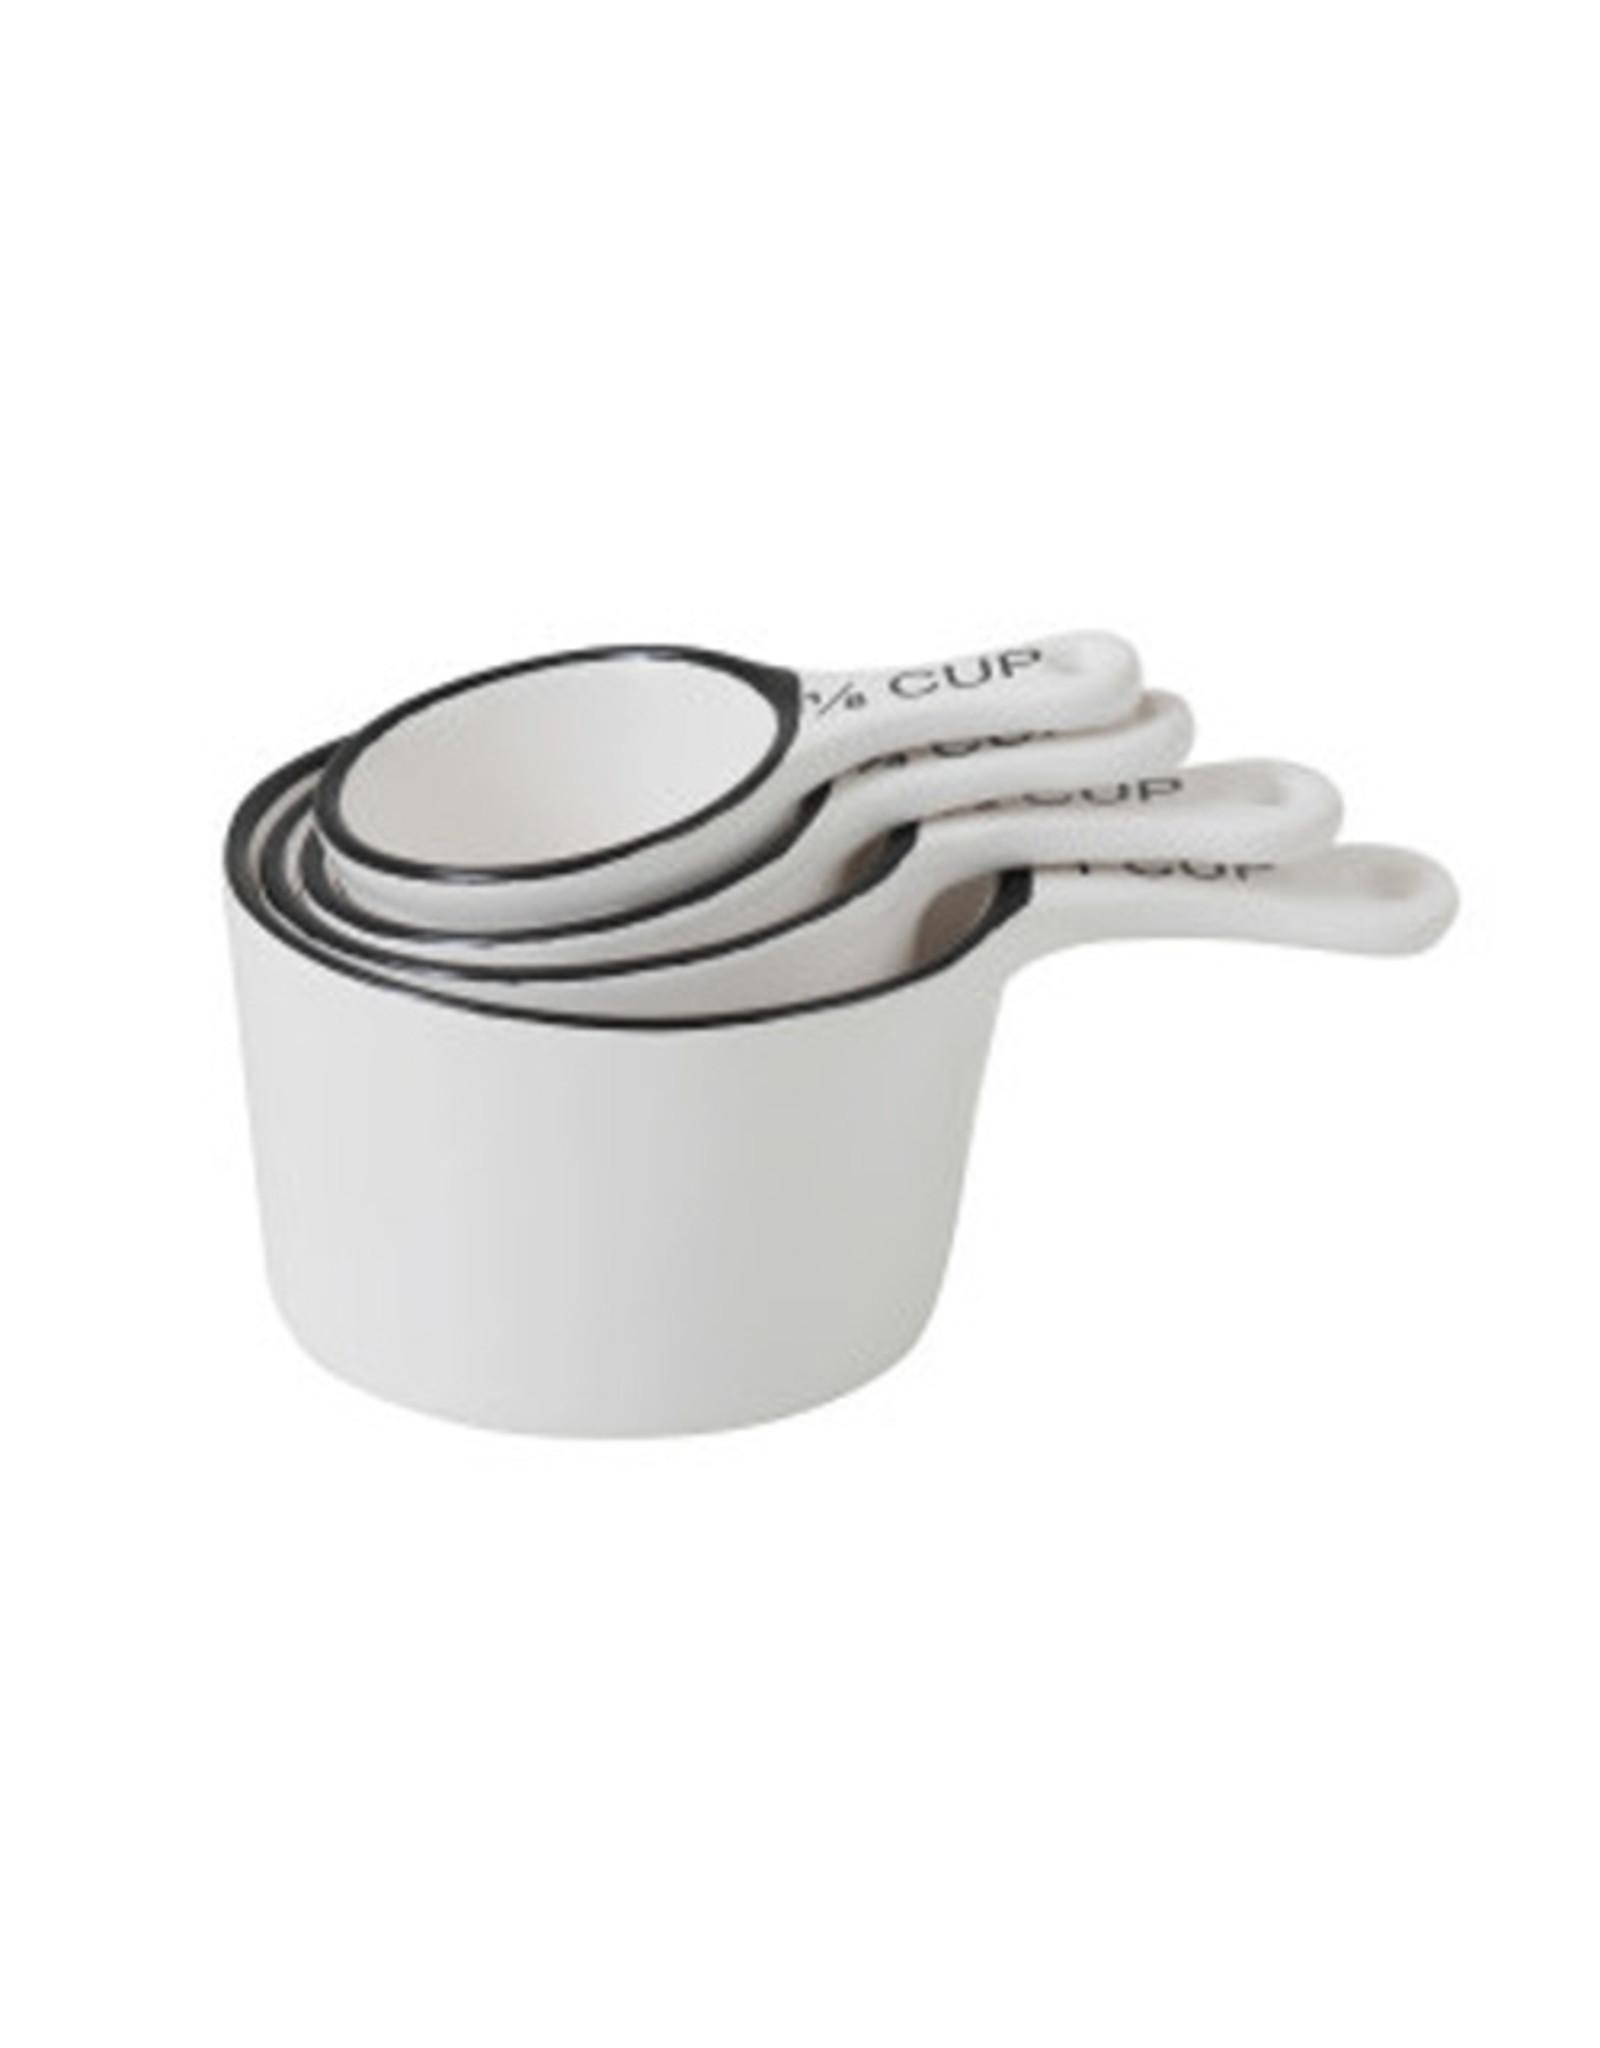 Stoneware Measuring Cup Set - White & Black